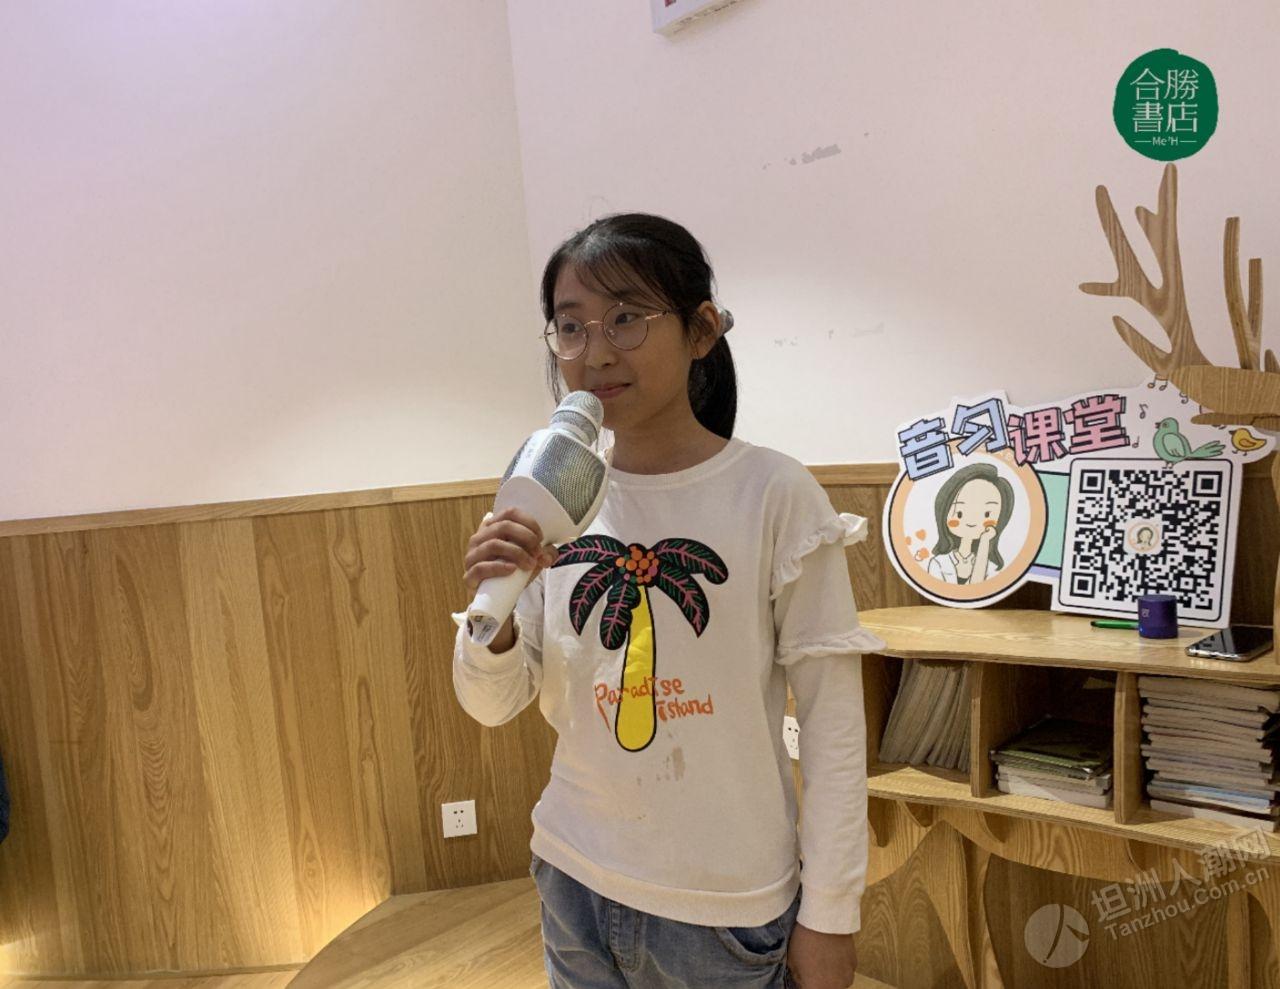 汕头市合胜书店举办第二期声乐公益课 !